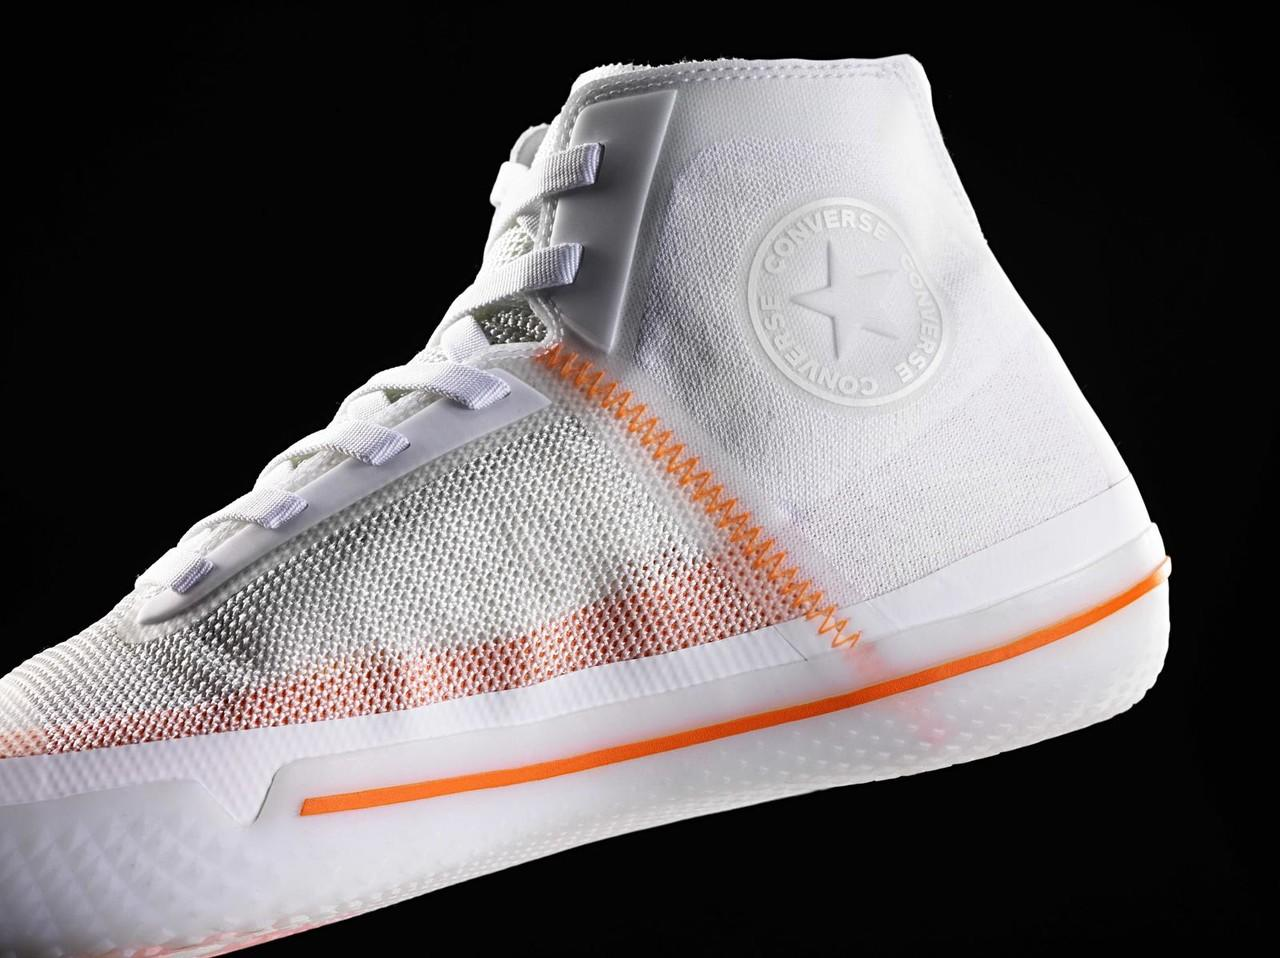 Metamorfosis Converse yang Hadirkan Kembali Sepatu Basket, Cekidot Gan!